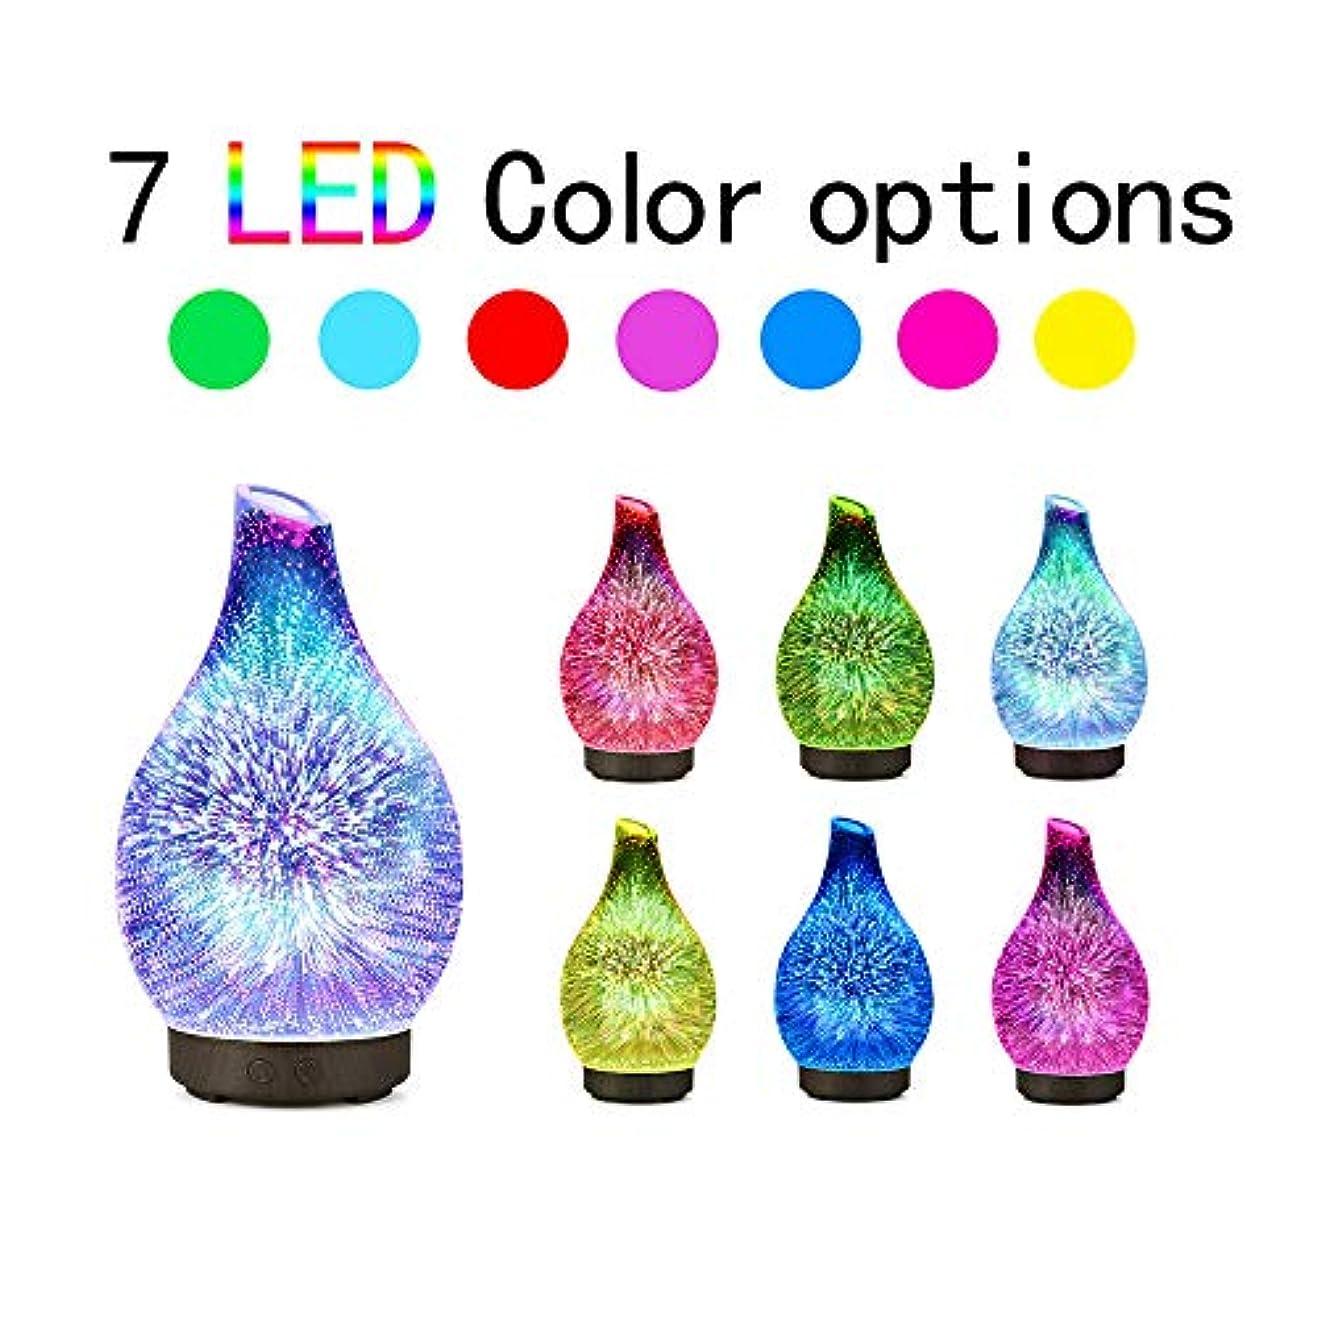 確認してくださいビーズピービッシュDecdeal 100ml 3Dガラス超音波 アロマディフューザー アロマ加湿器 超音波式 7色LEDライト変換 間接照明